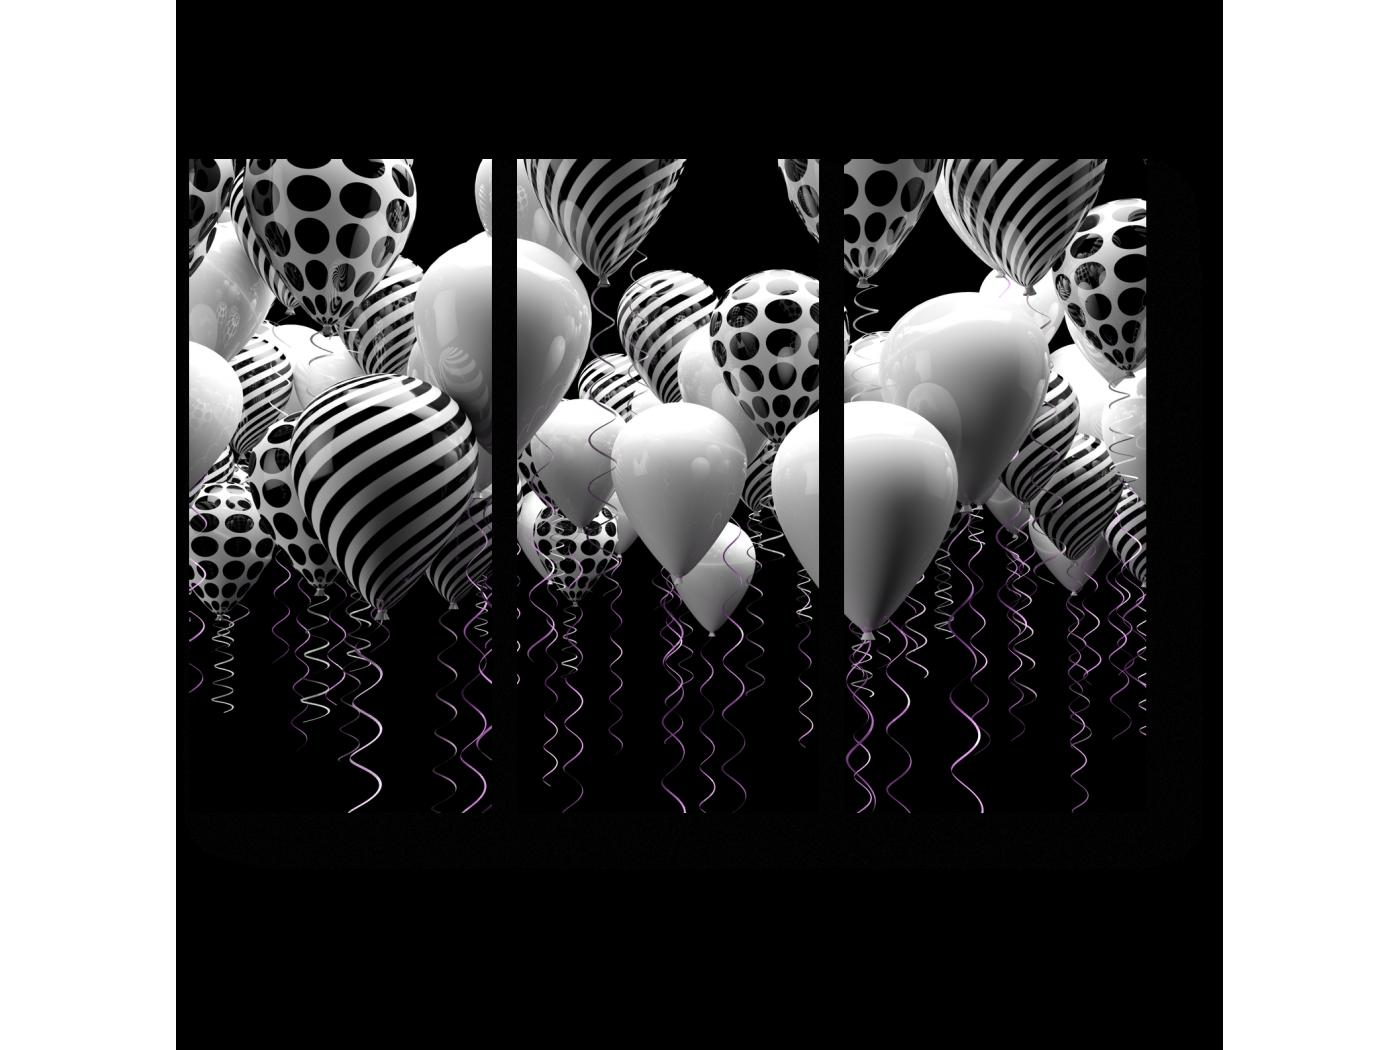 Модульная картина Праздничное настроение (60x43) фото